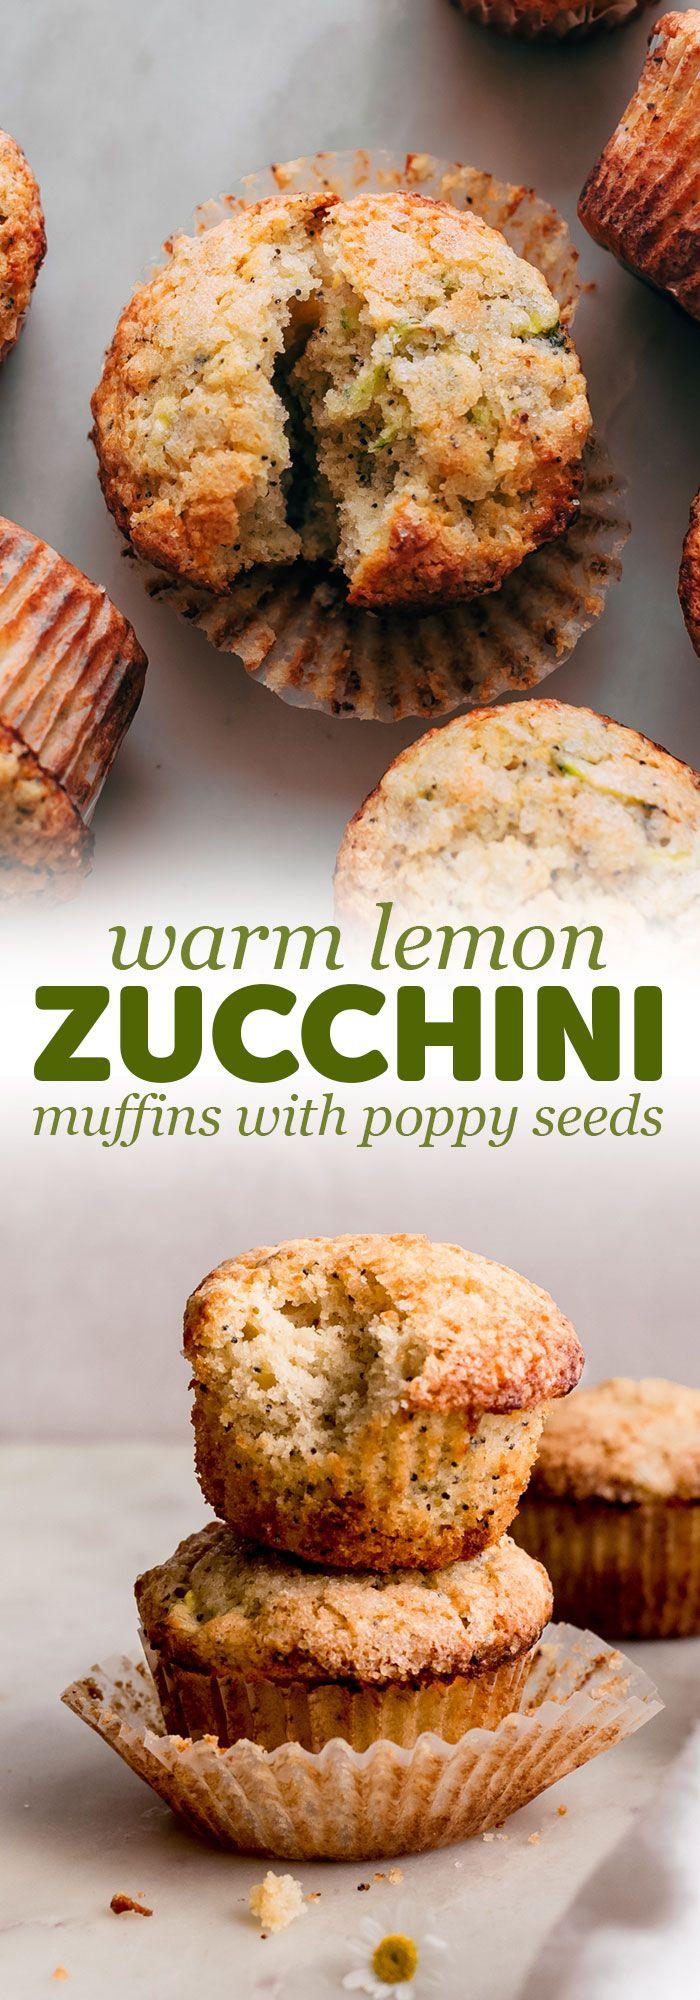 Warm Lemon Zucchini Muffins Recipe Little Spice Jar Recipe Lemon Zucchini Muffins Zucchini Muffins Lemon Zucchini